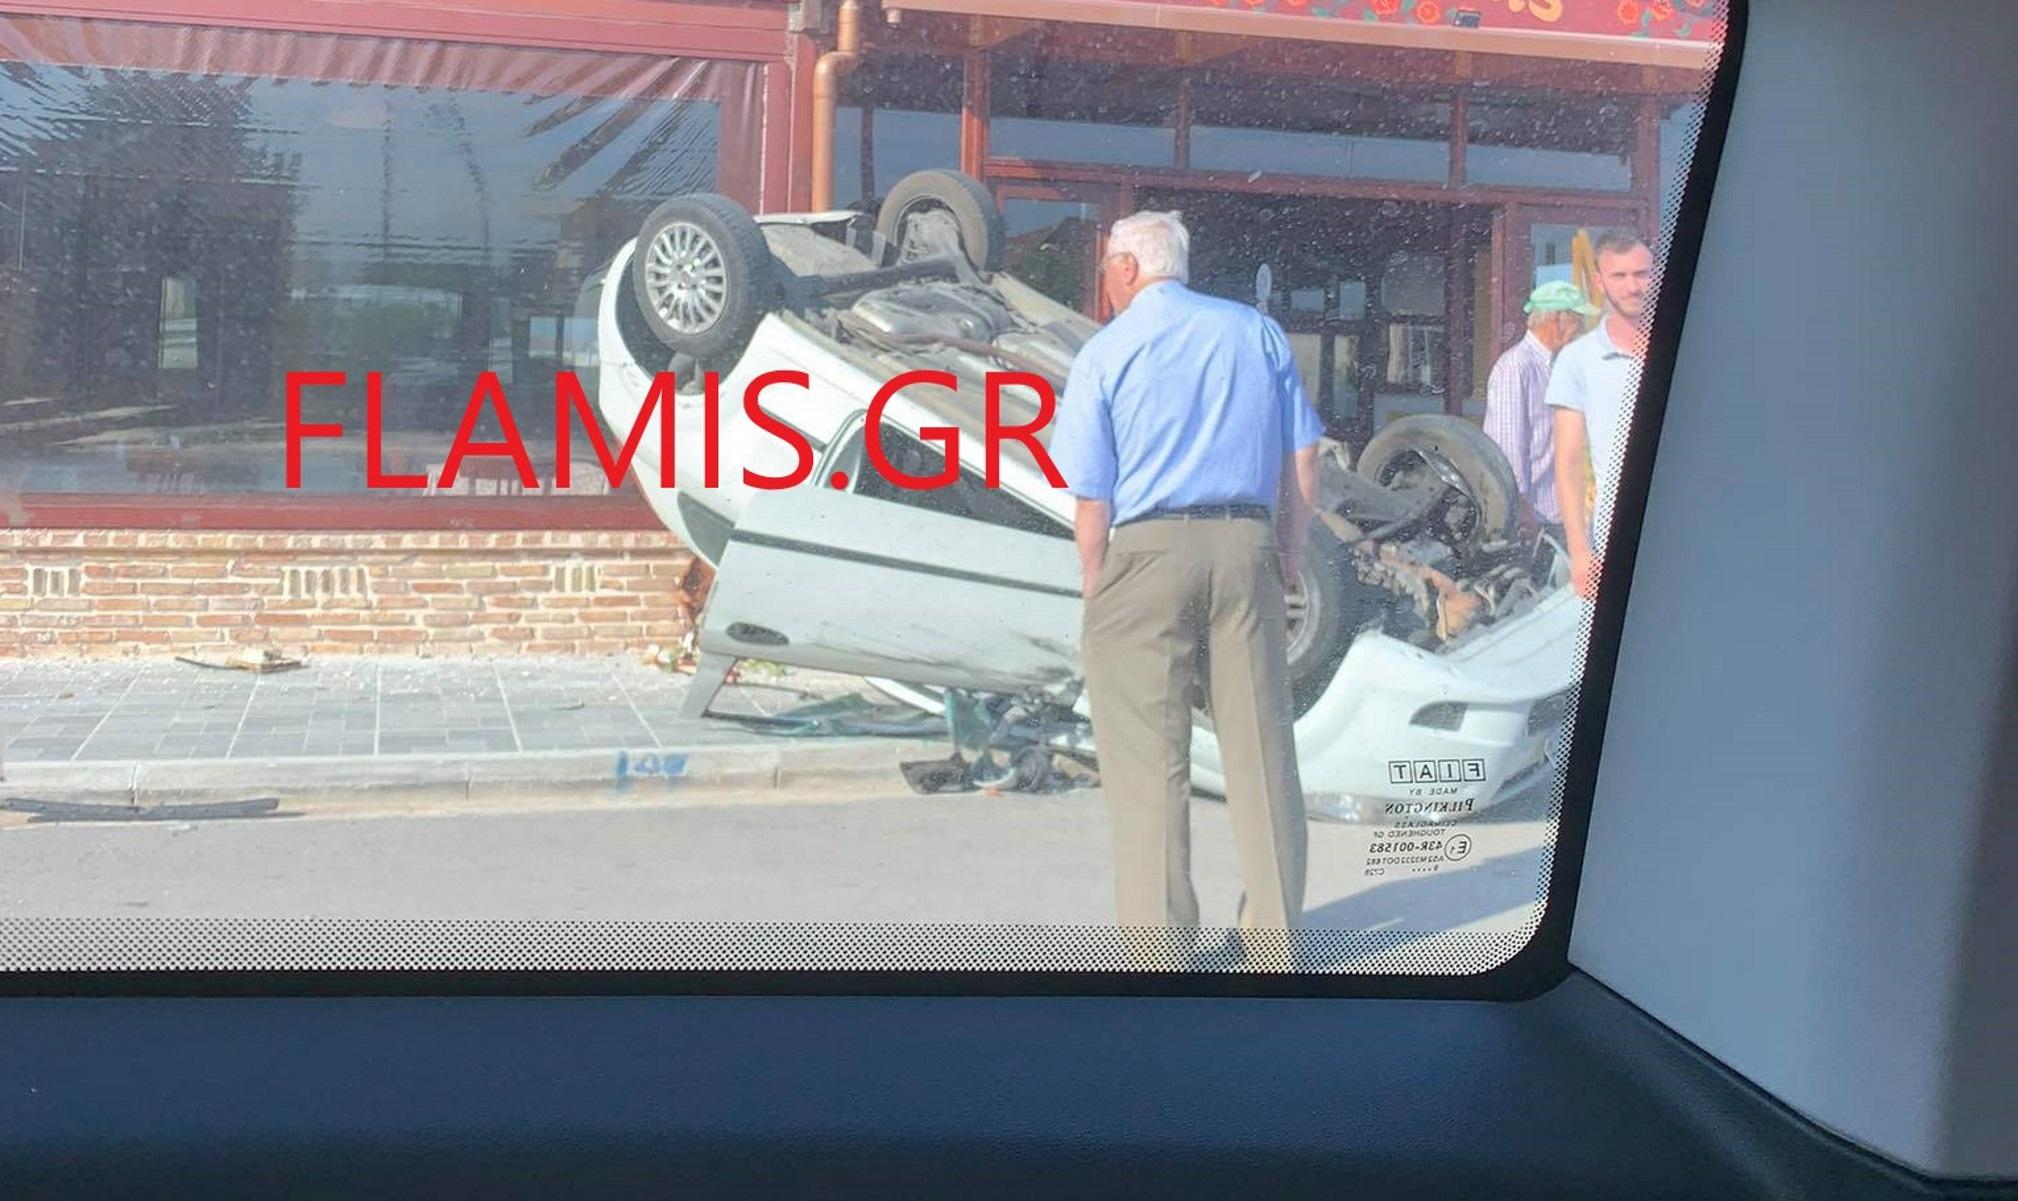 Άραξος: Στρατιώτες τραυματίστηκαν σε τροχαίο – Βρέθηκαν μέσα σε αναποδογυρισμένο αυτοκίνητο